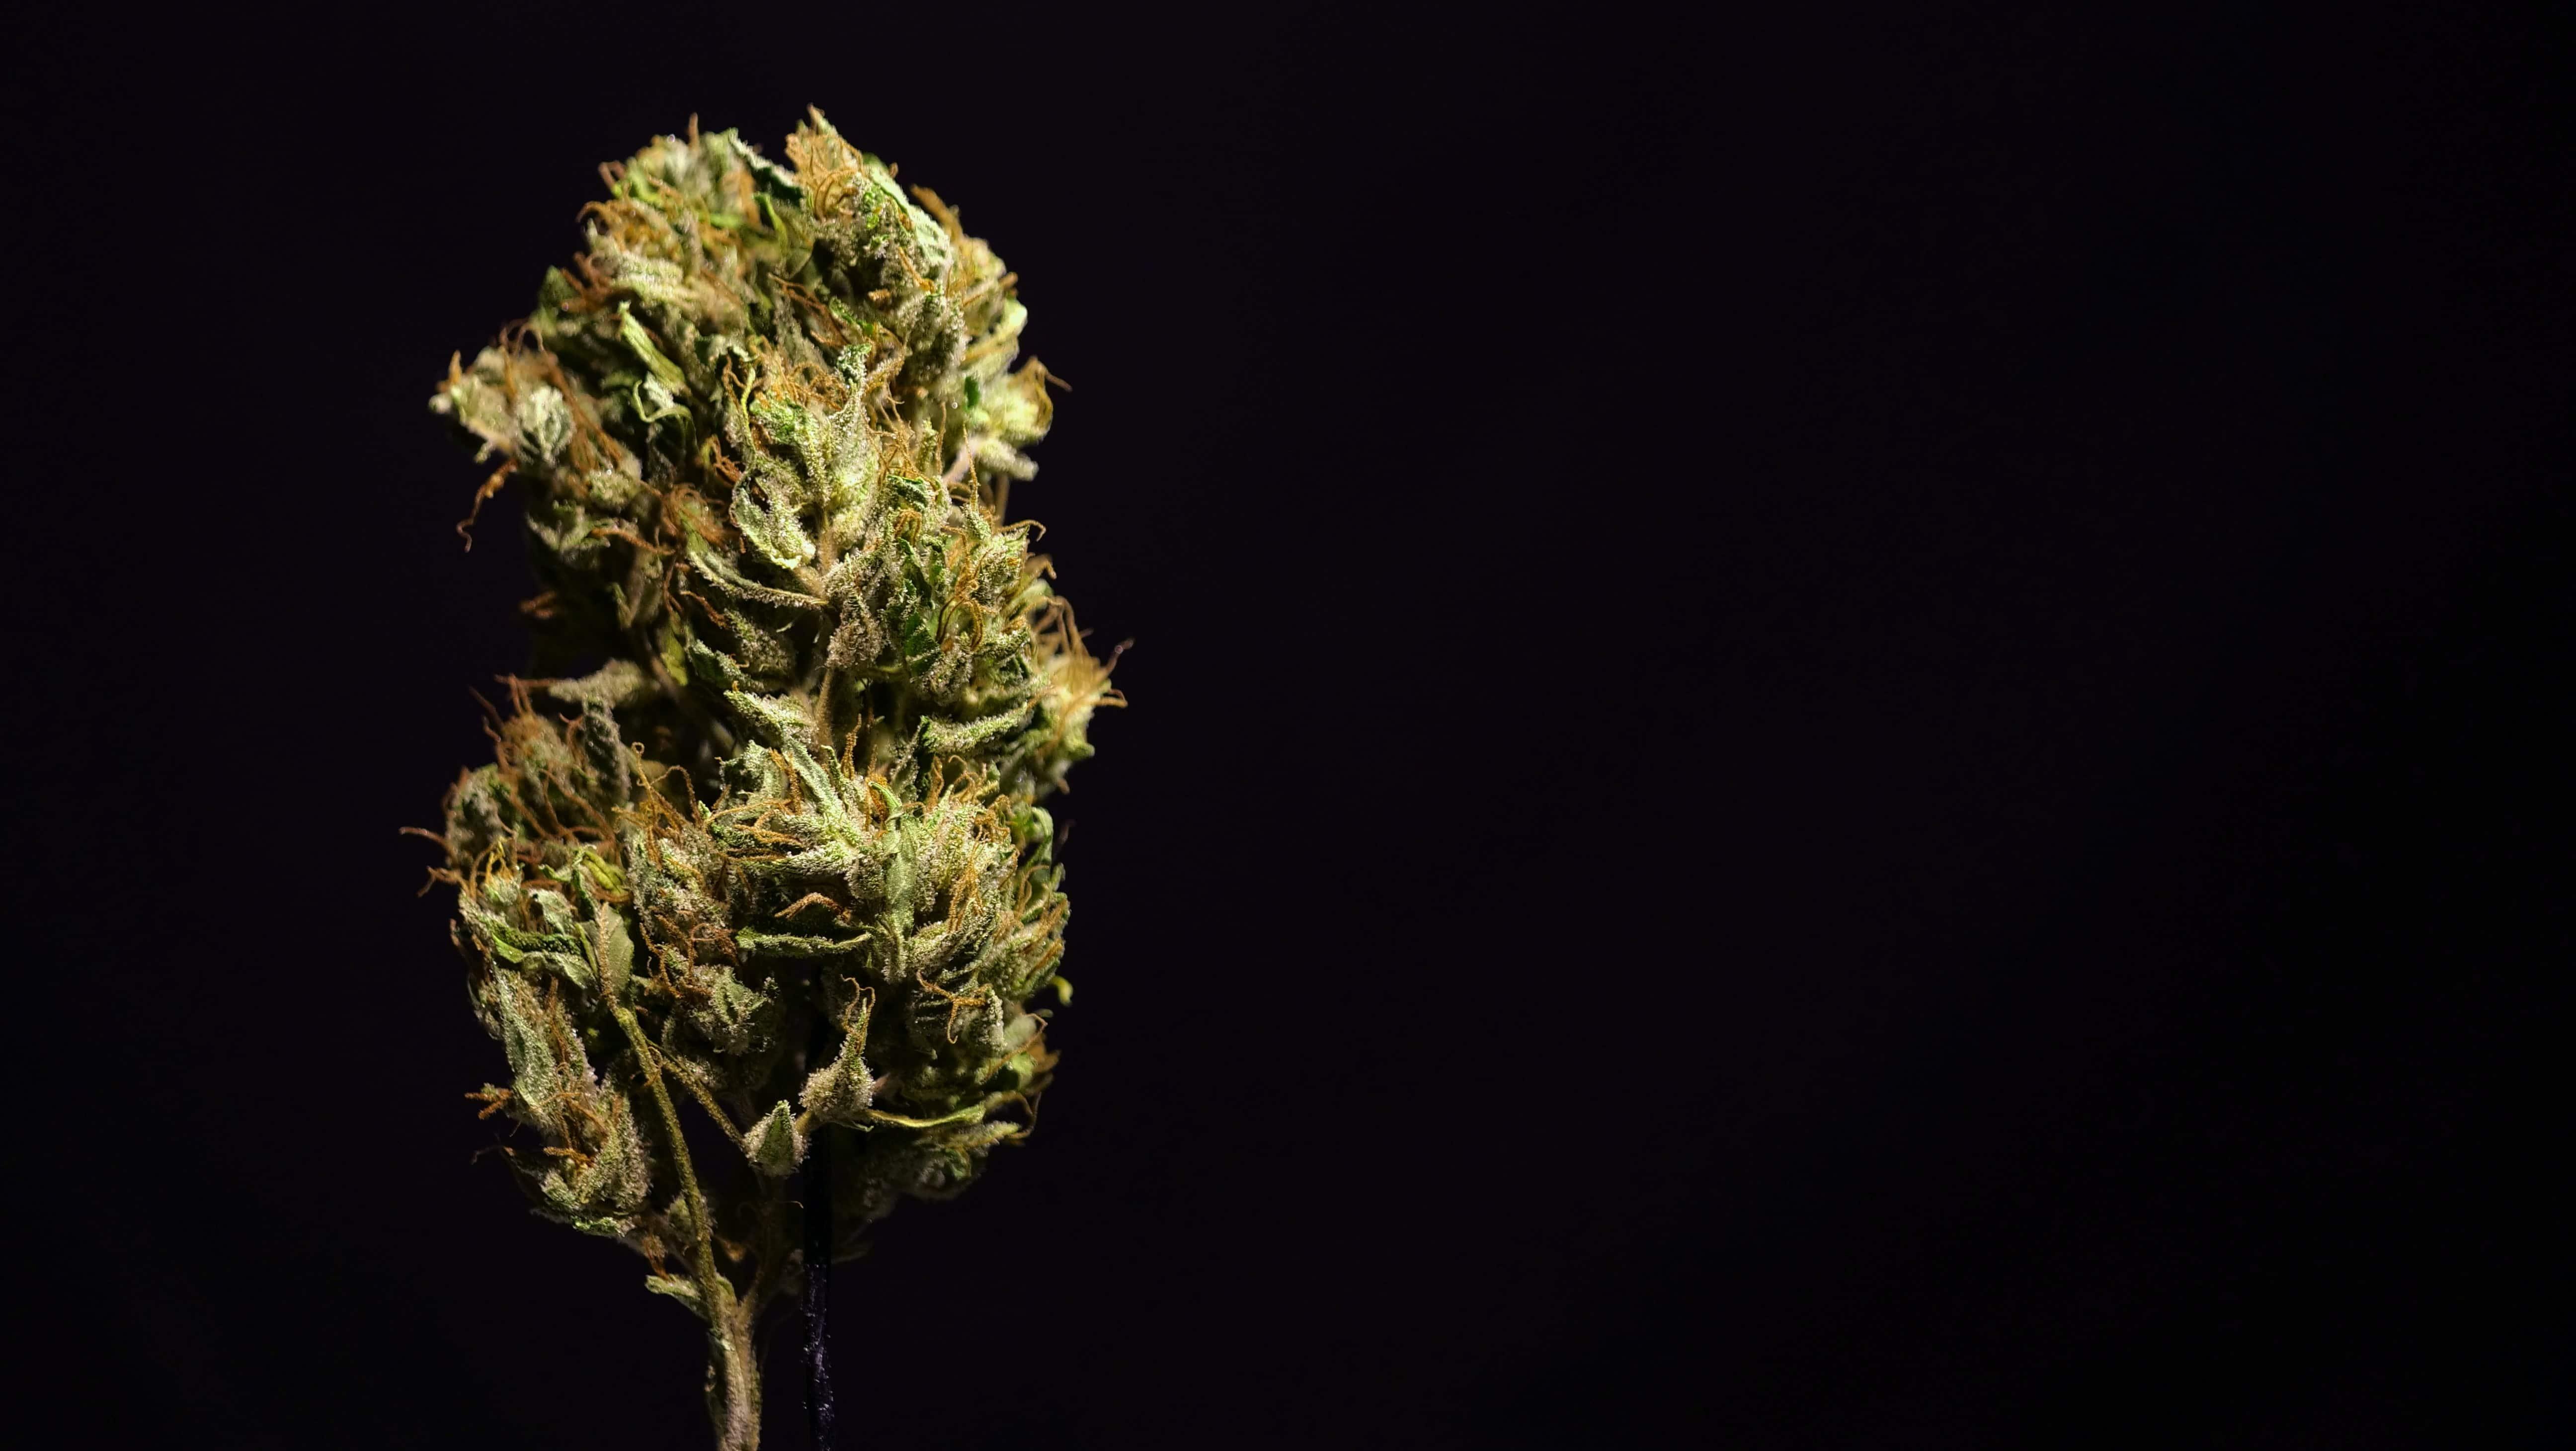 Nación Cannabis | Ikänik Farms: ¿la primera en cultivar cannabis en México?